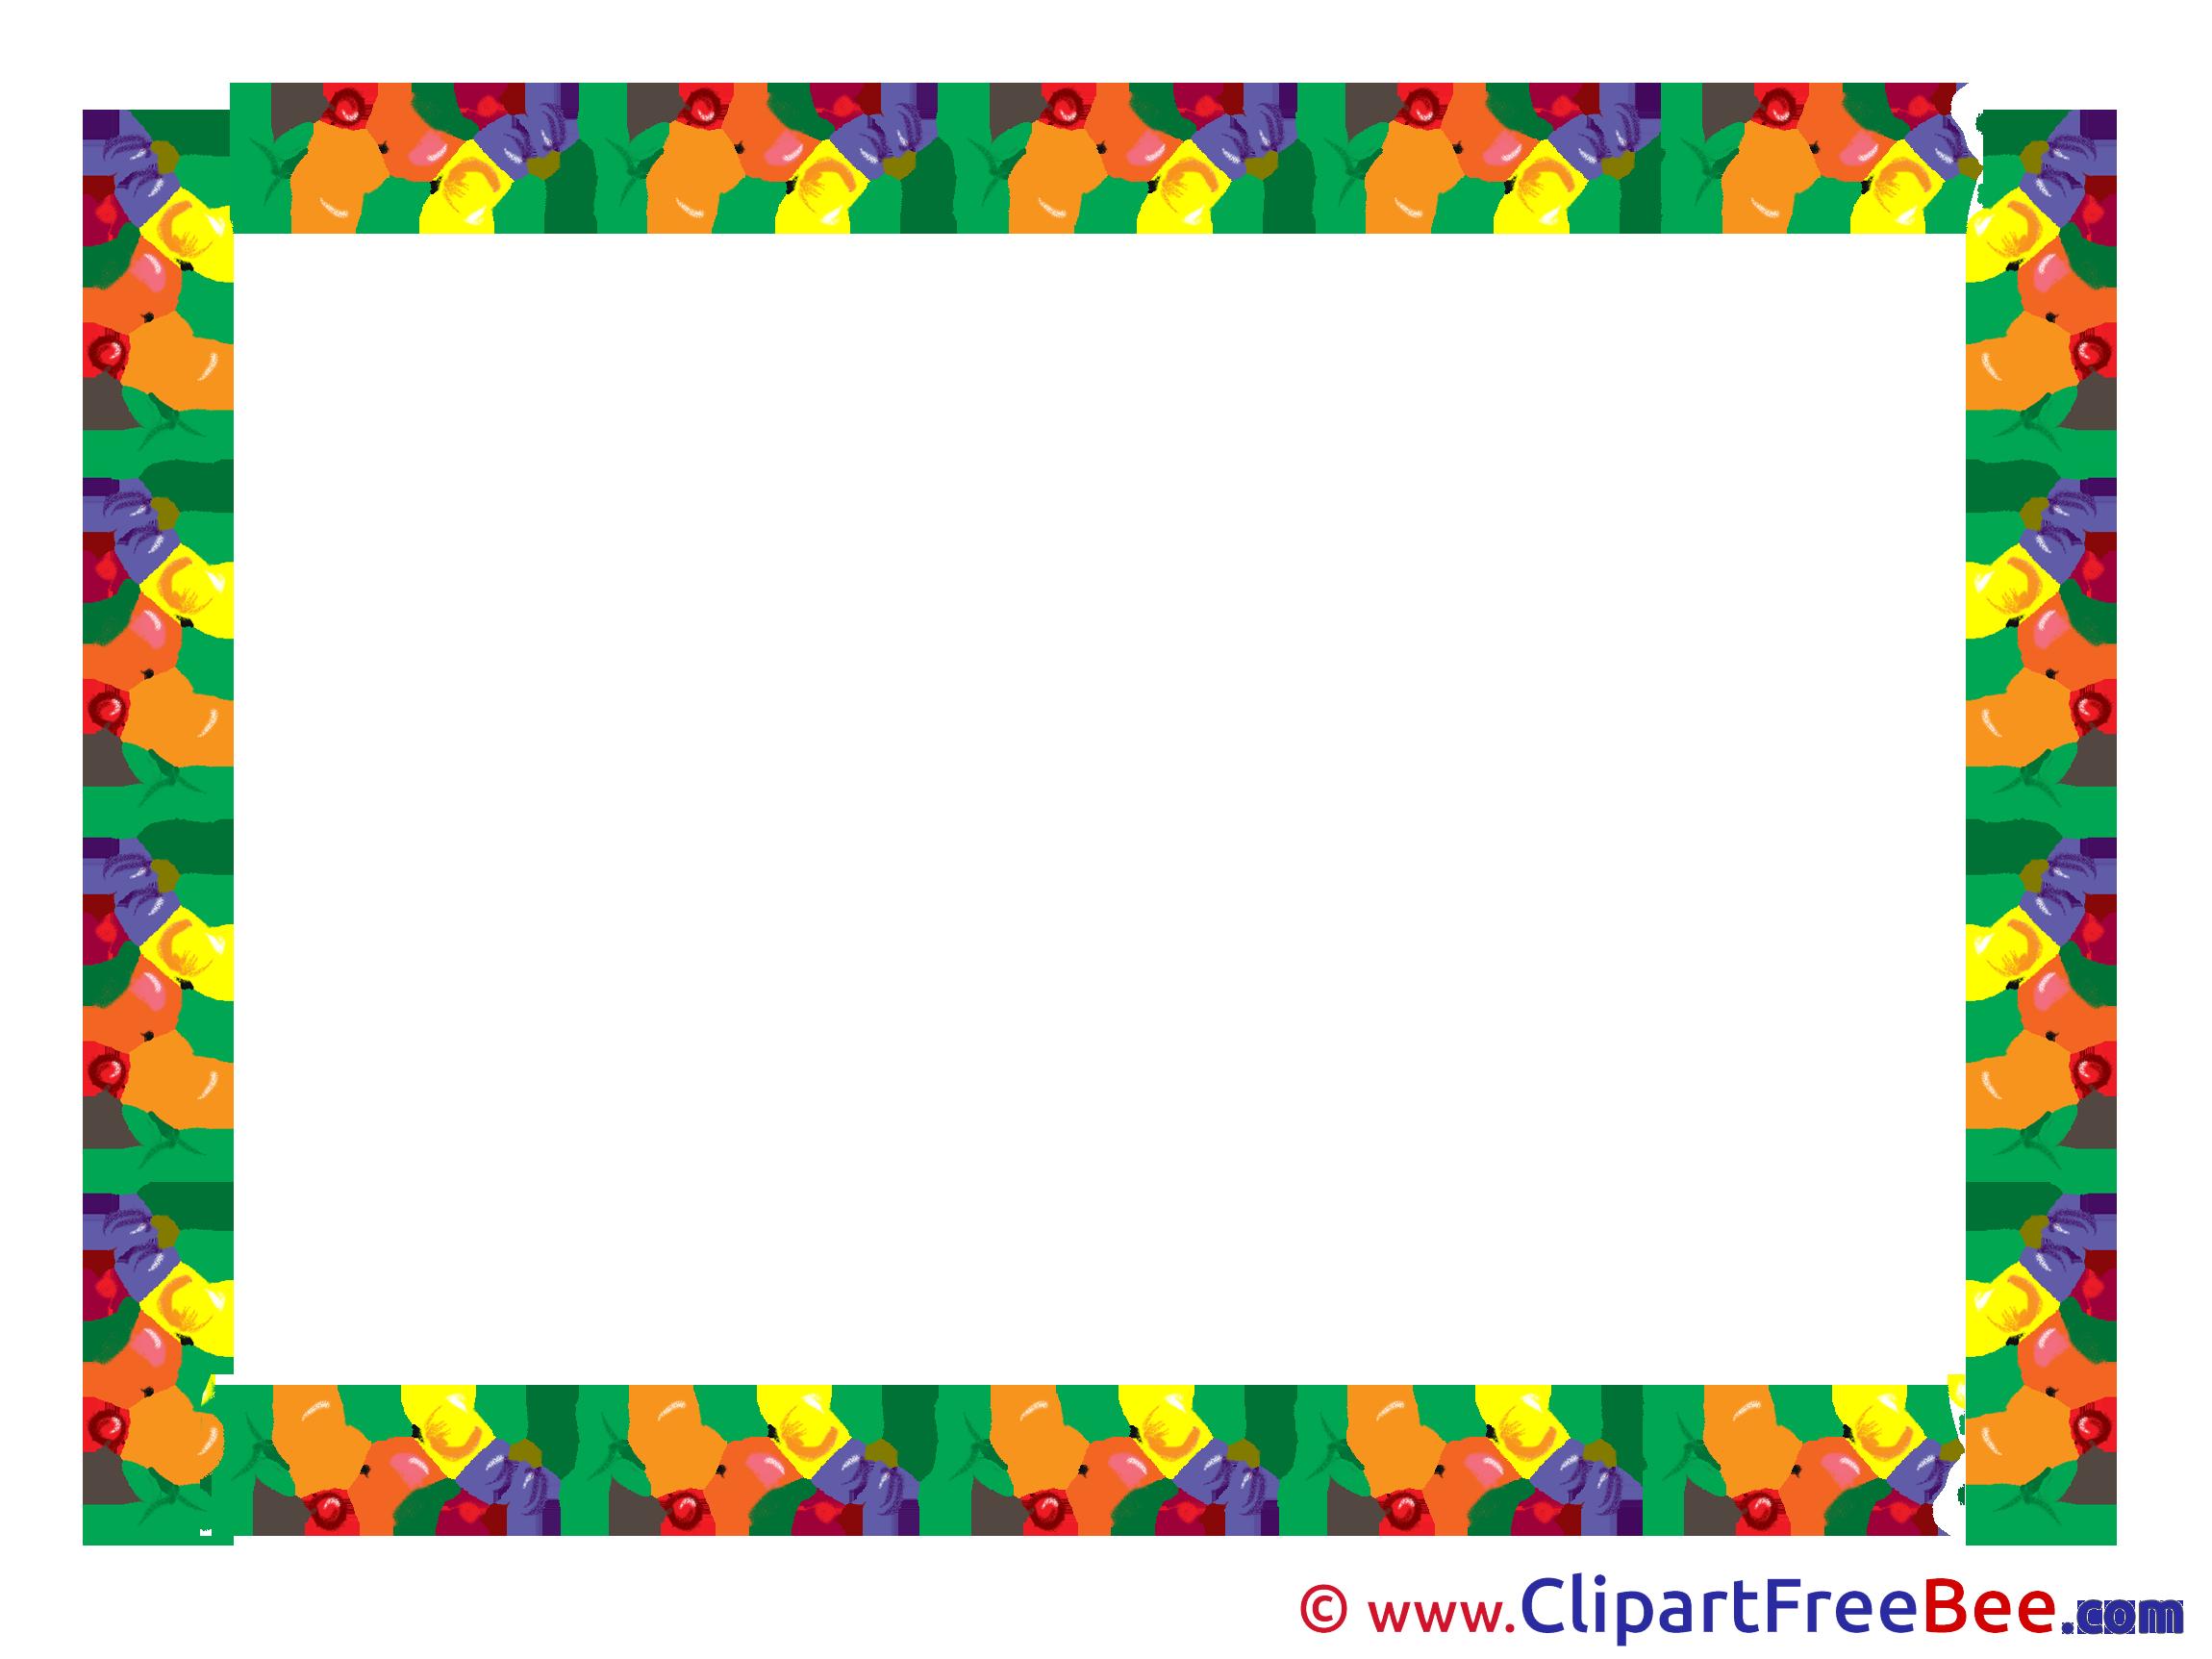 Fruits frames free images. Clipart fruit frame